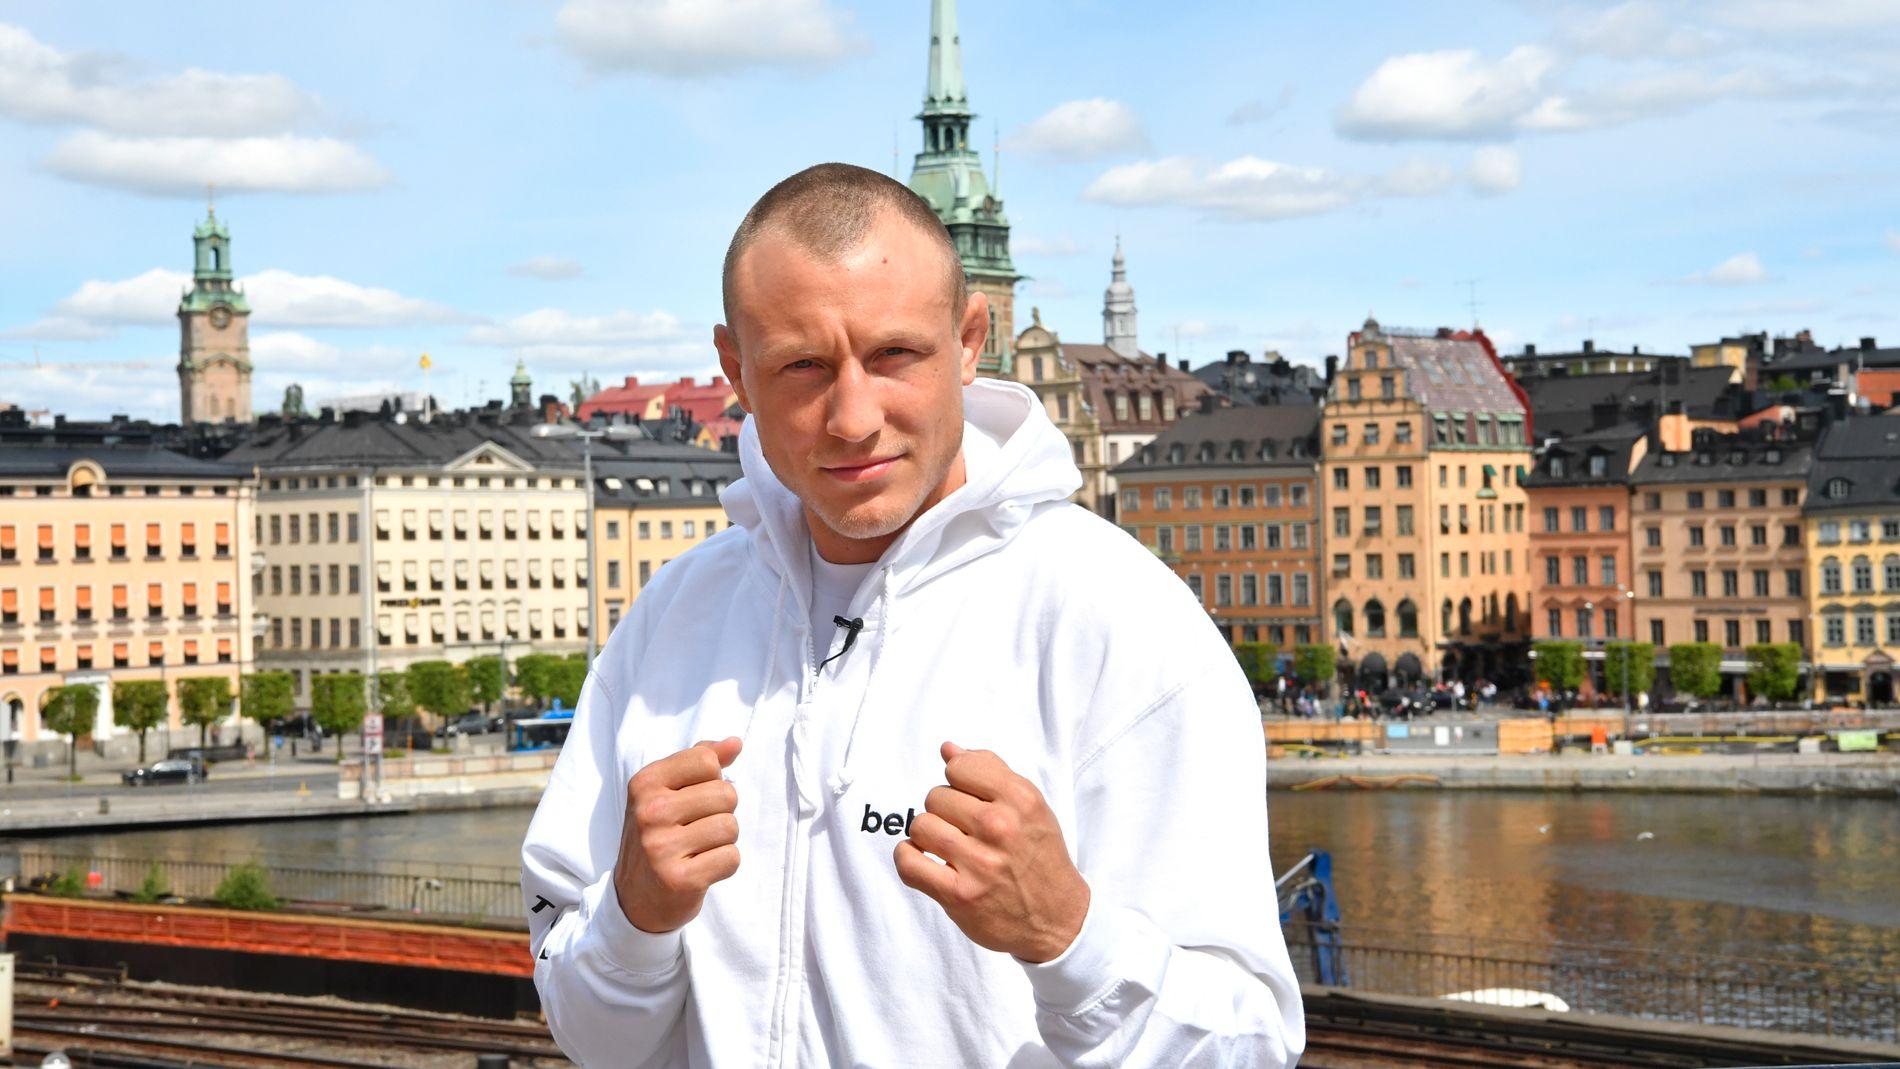 ENDELIG PÅ «HJEMMEBANE»: Jack Hermansson møter VG i Stockholm før han debuterer som MMA-proff i hjemlandet. Her foran Gamla Stan i den svenske hovedstaden.